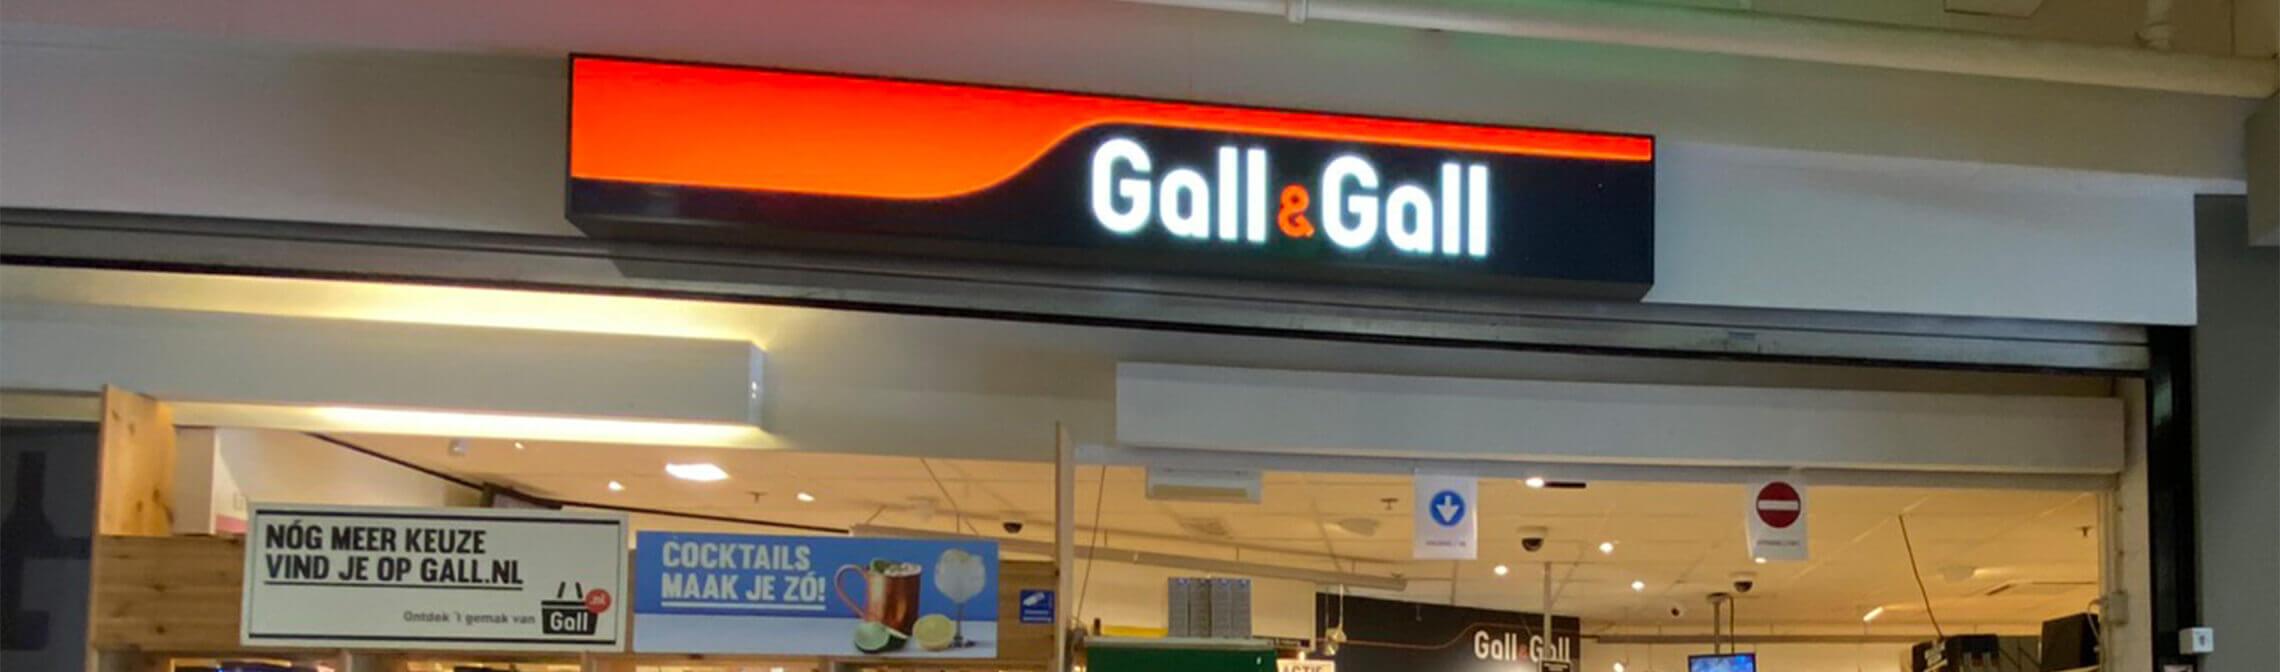 Gall & Gall Header